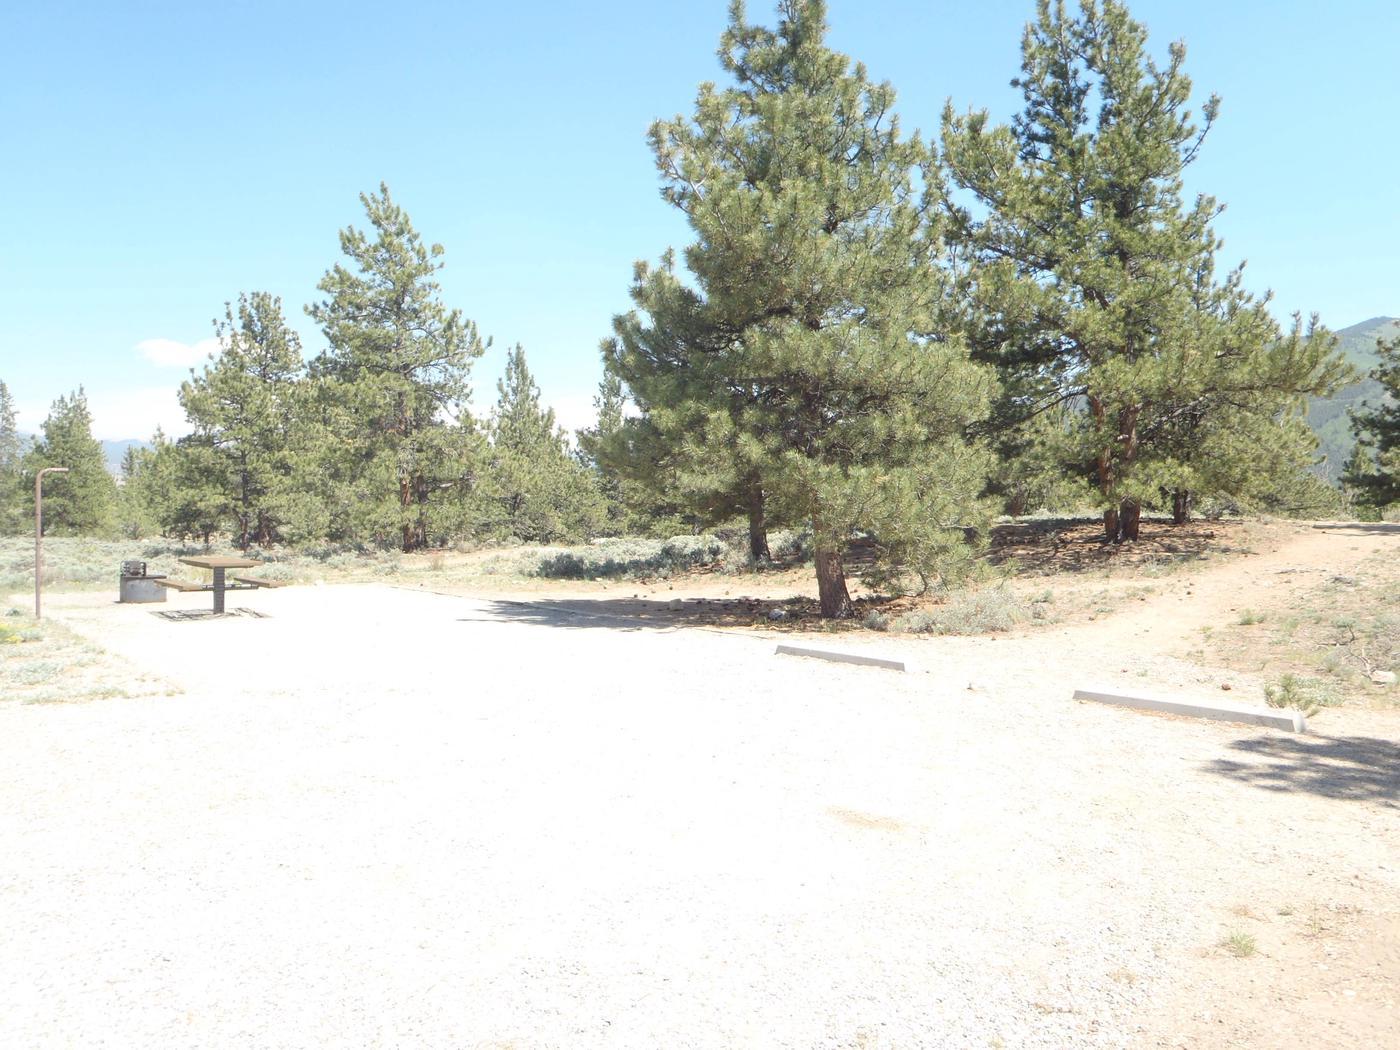 Whitestar Campground,  site 18 parking